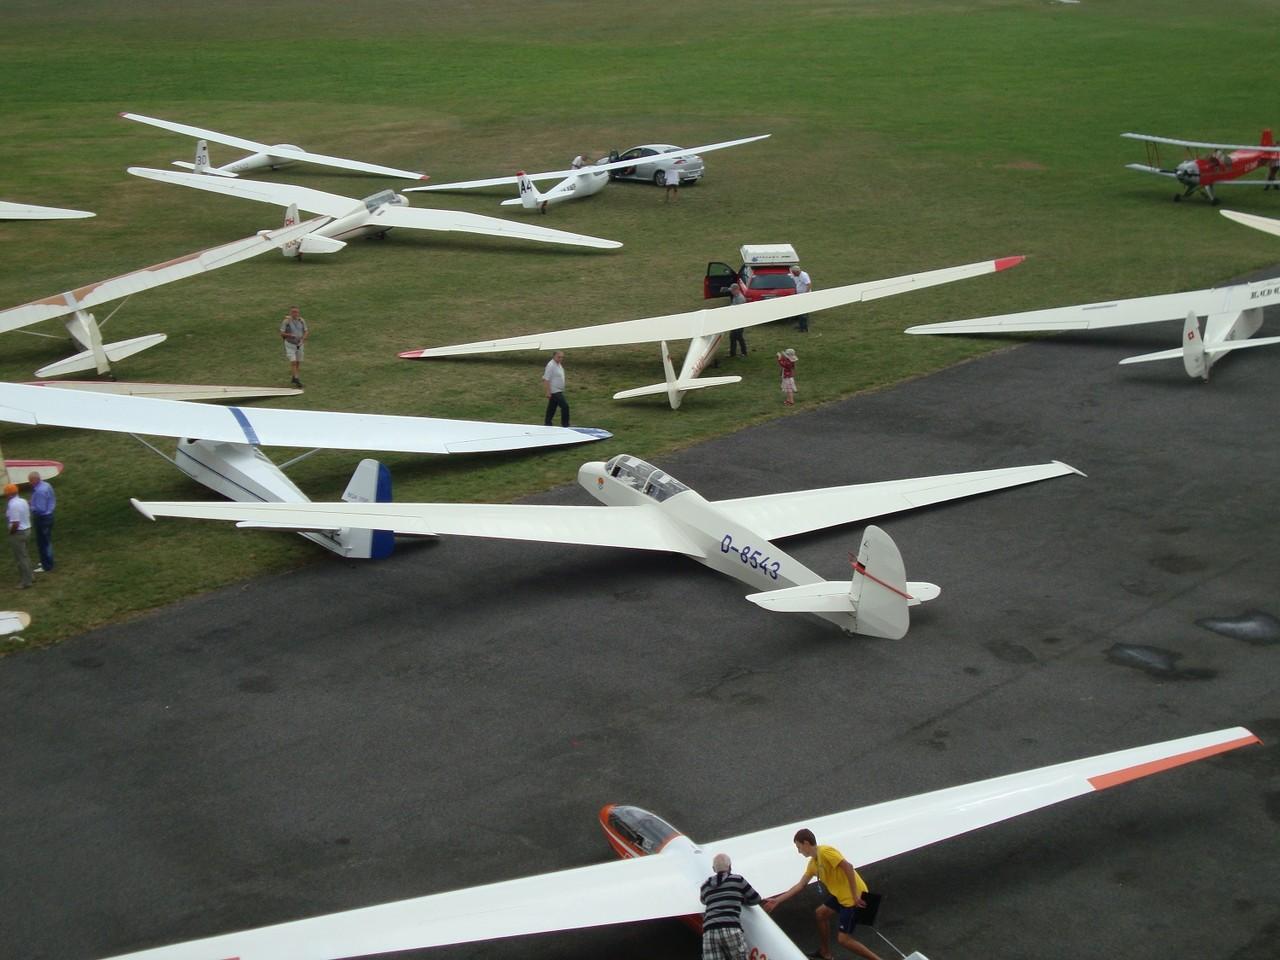 Vorfeldszene mit historischen Segelflugzeugen. Foto: Auer